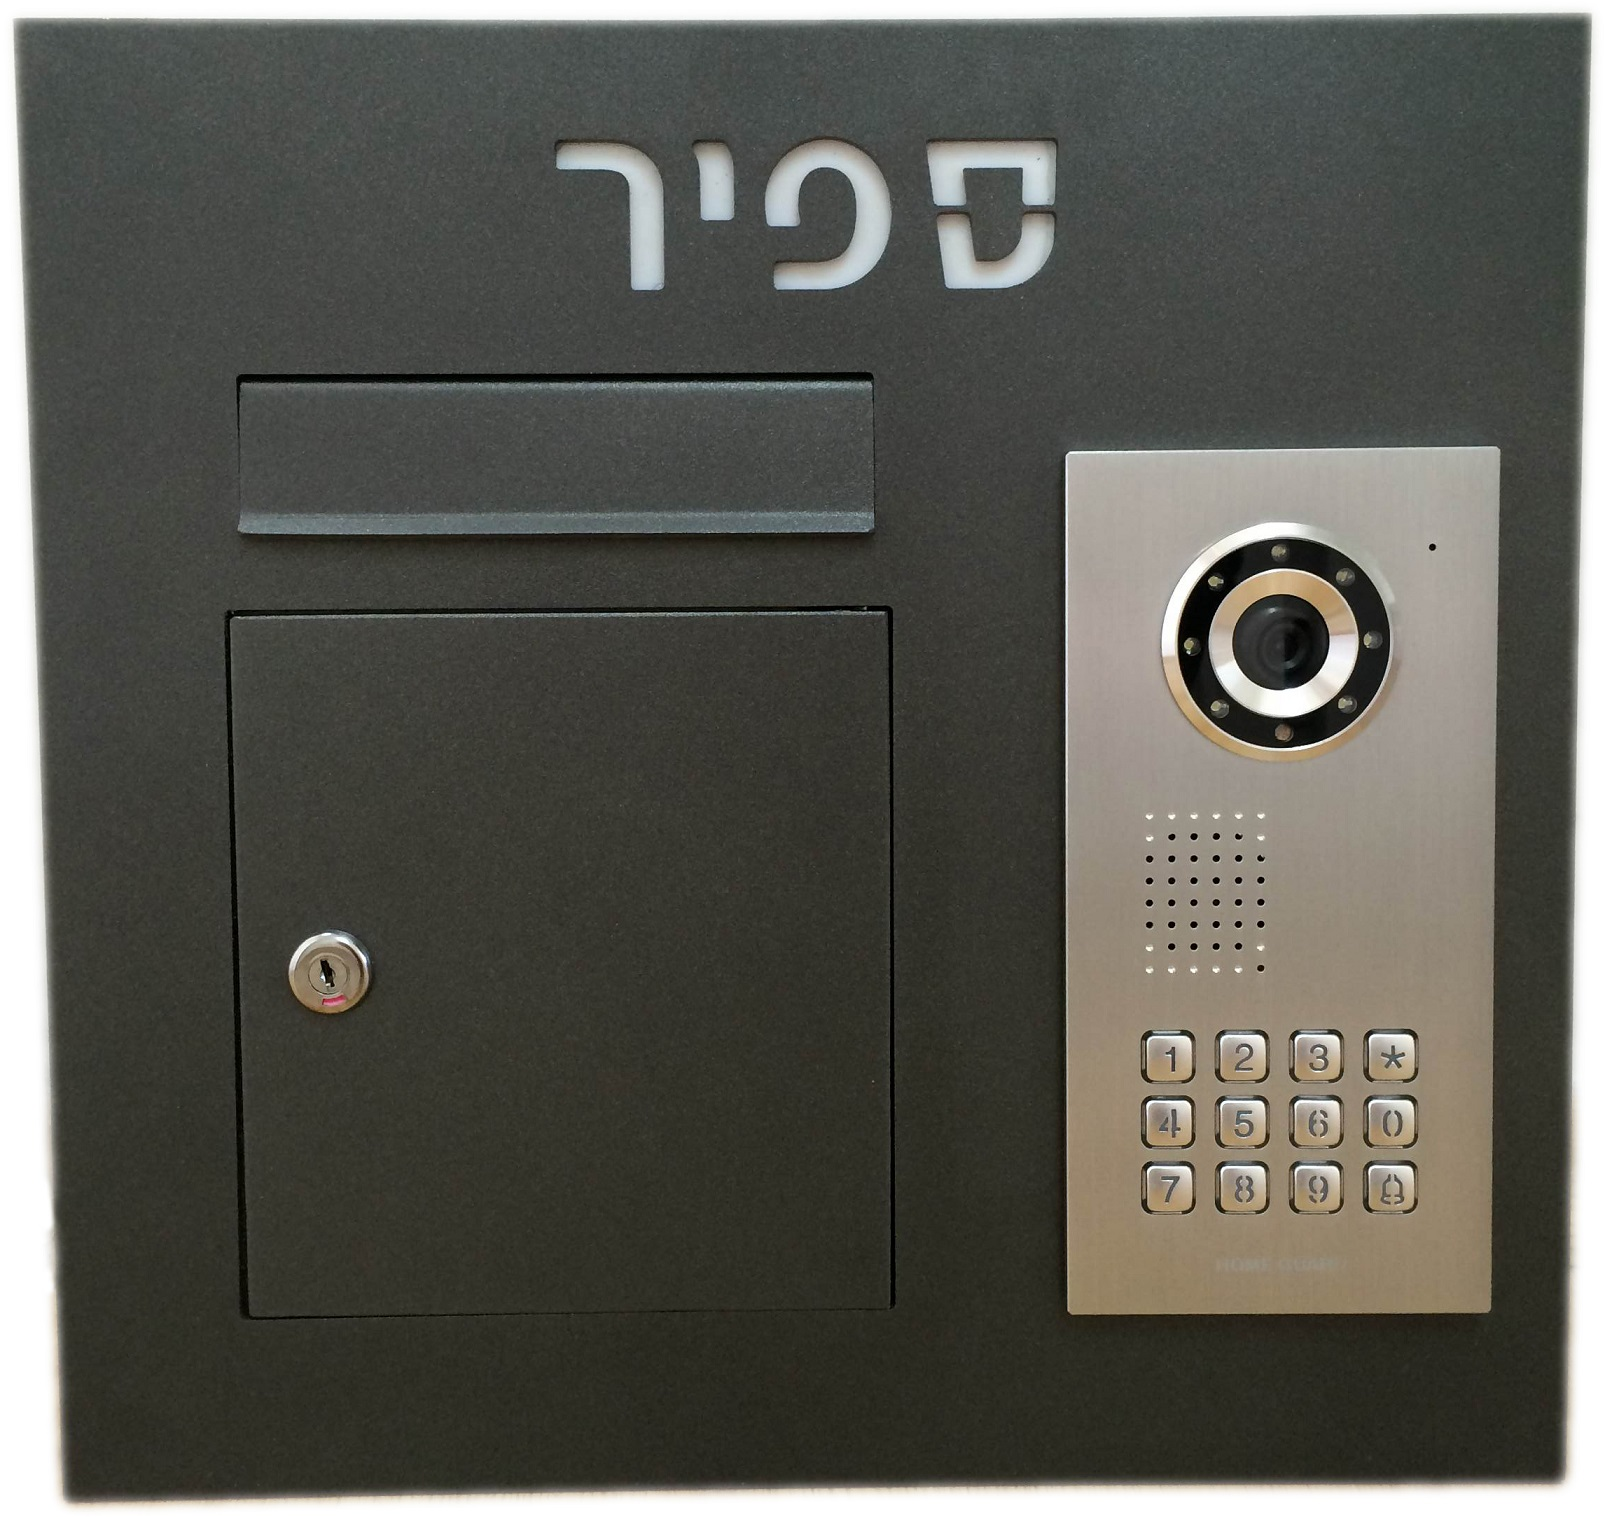 ברצינות תיבת דואר מעוצבת - תיבת דואר לבית פרטי OL-76